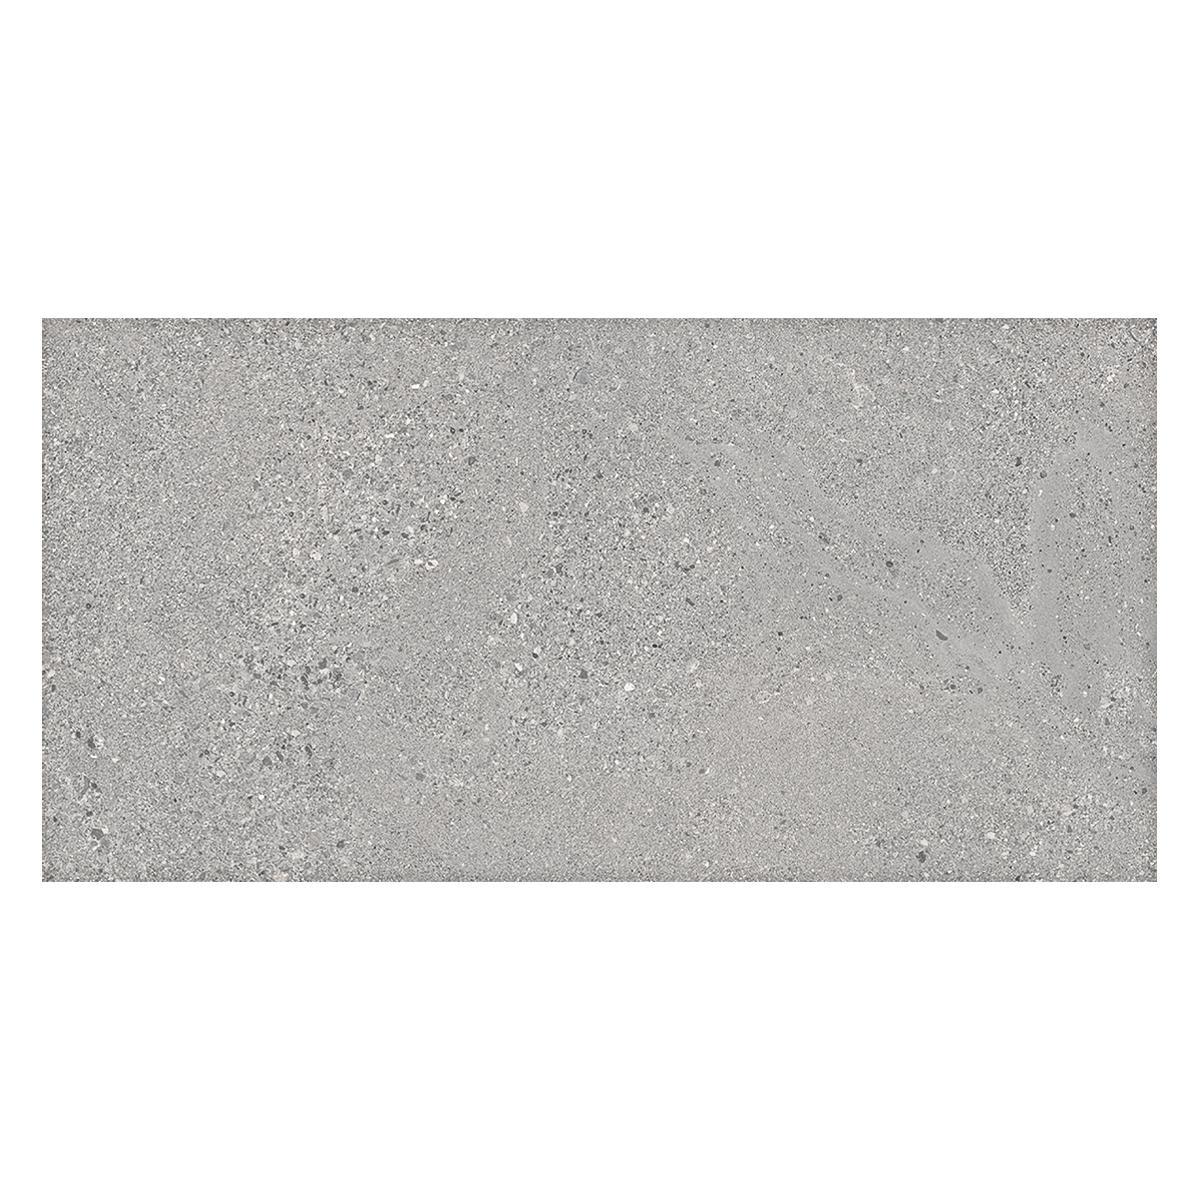 Porcelanato Grain stone Gris Mate - 60X120 cm - 1.44 m2